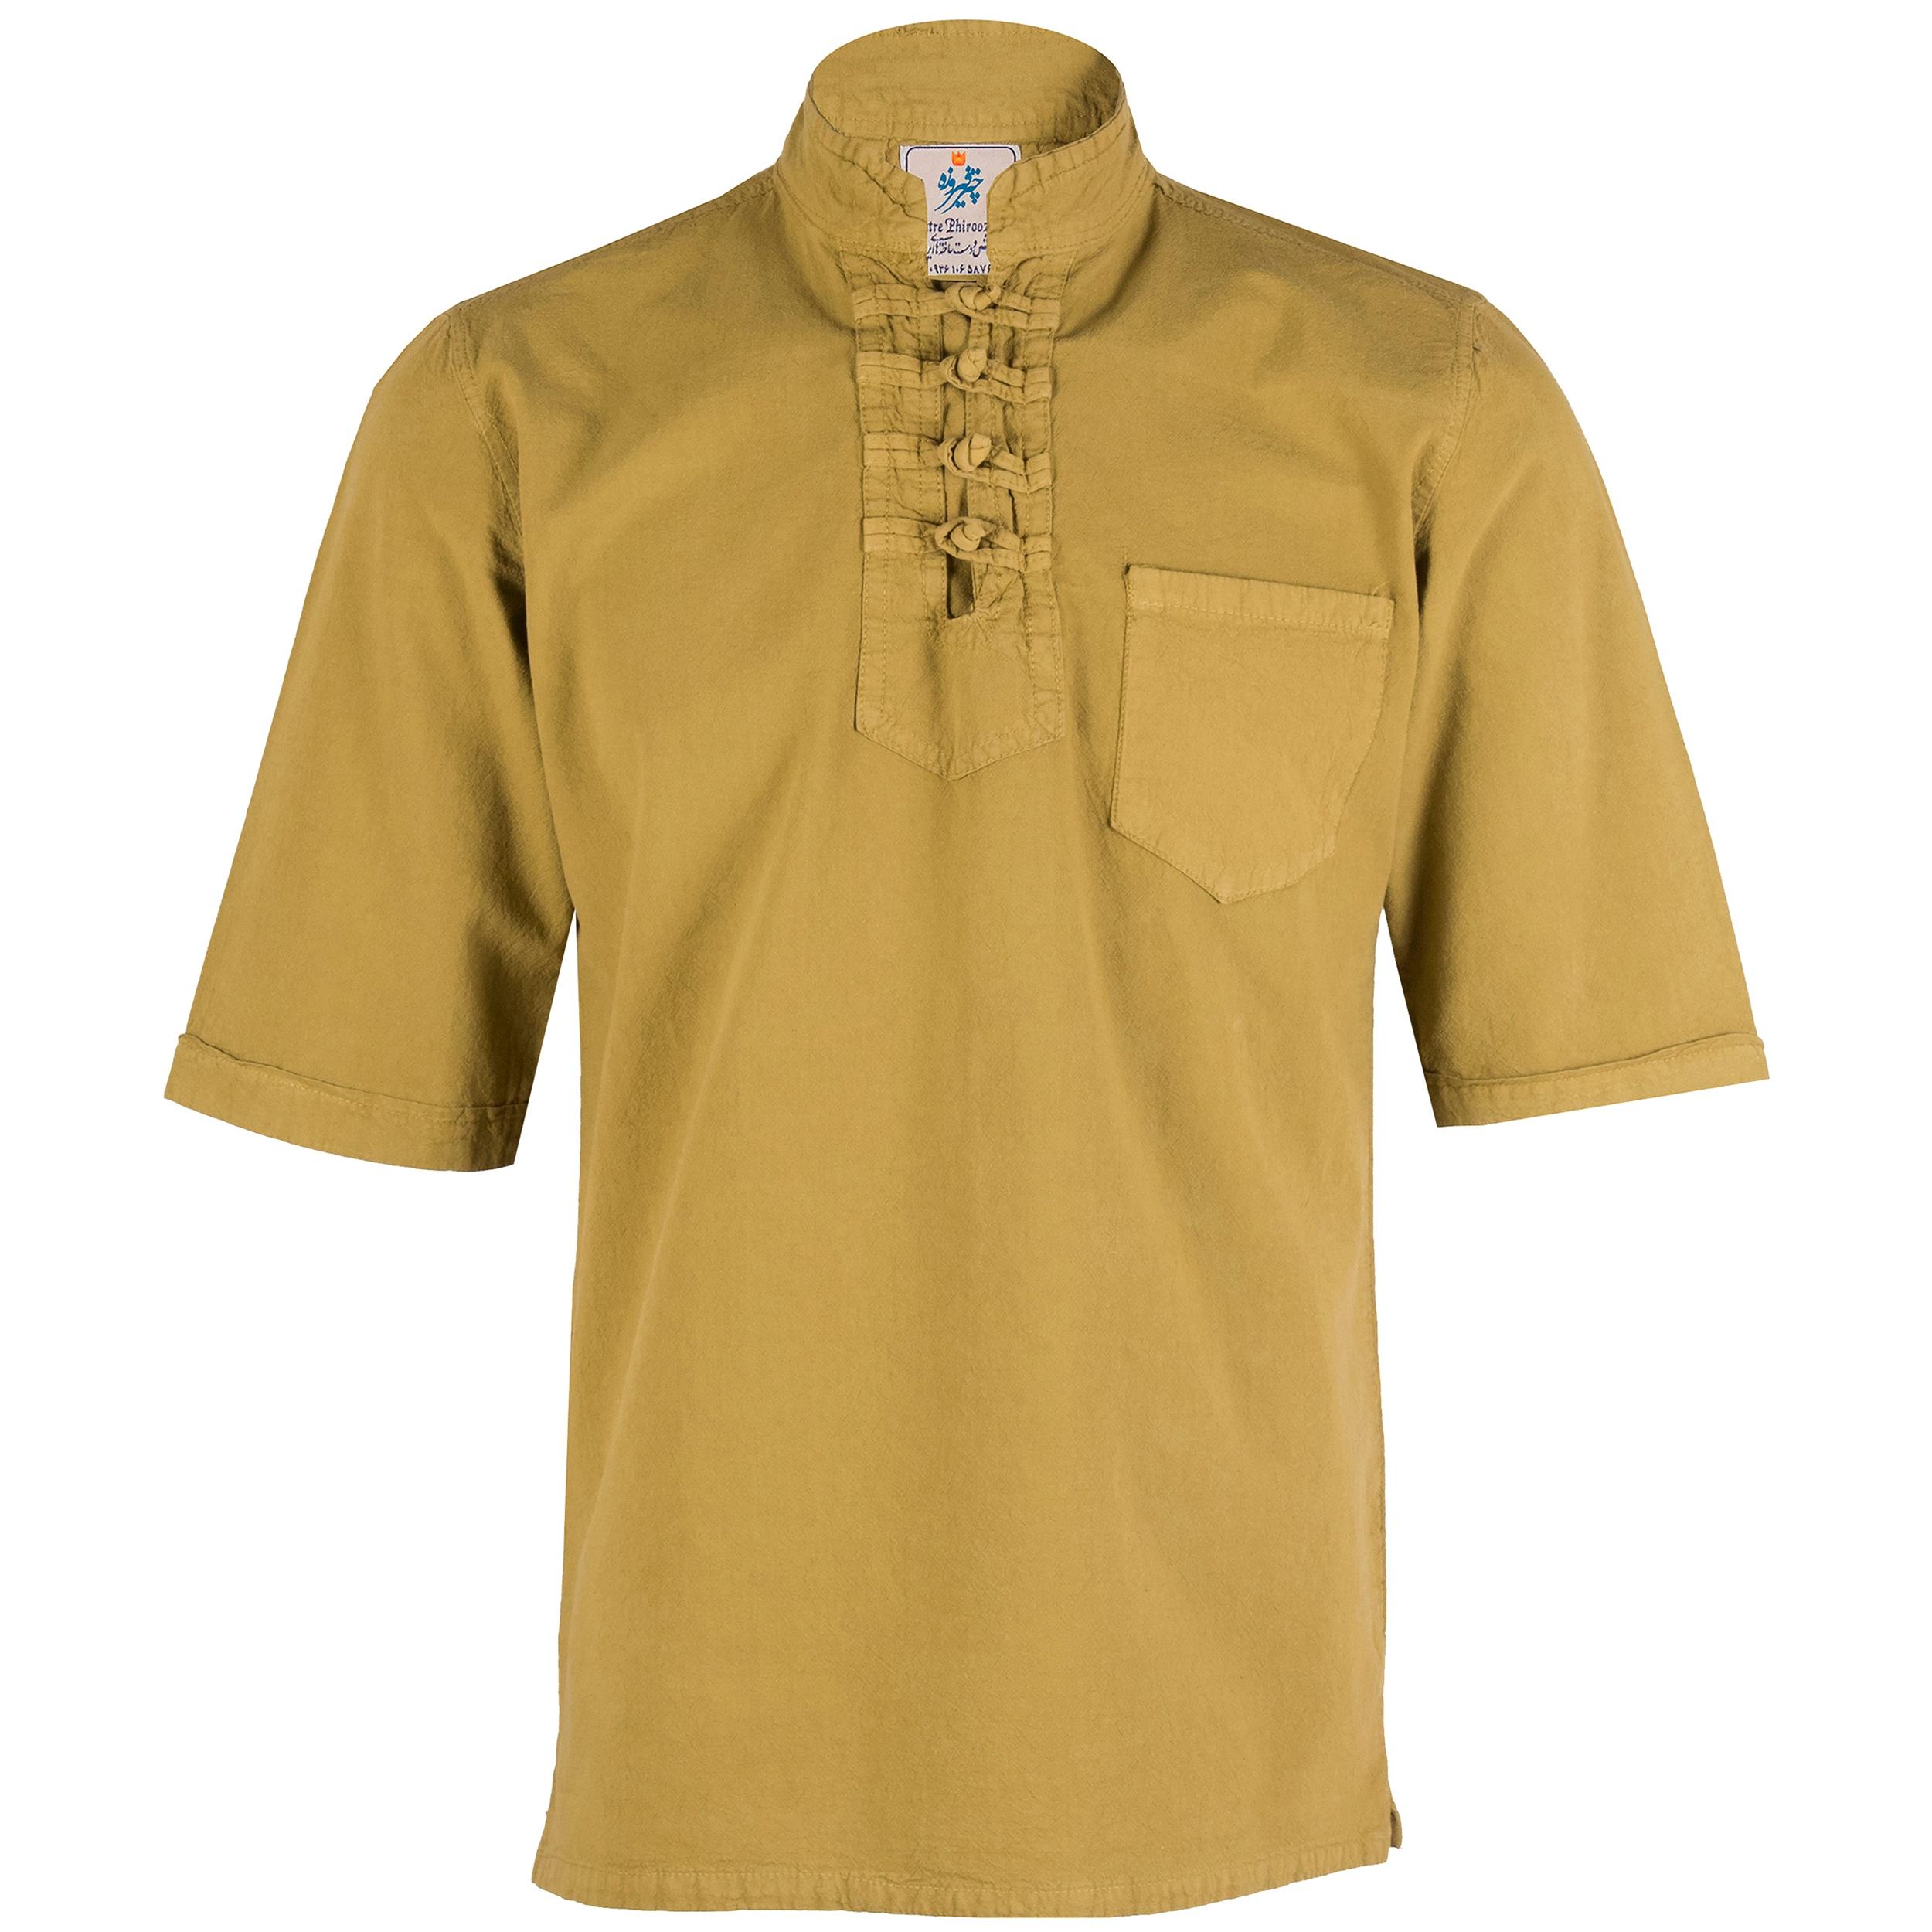 پیراهن مردانه چترفیروزه مدل چهارگره آستین کوتاه کد 8